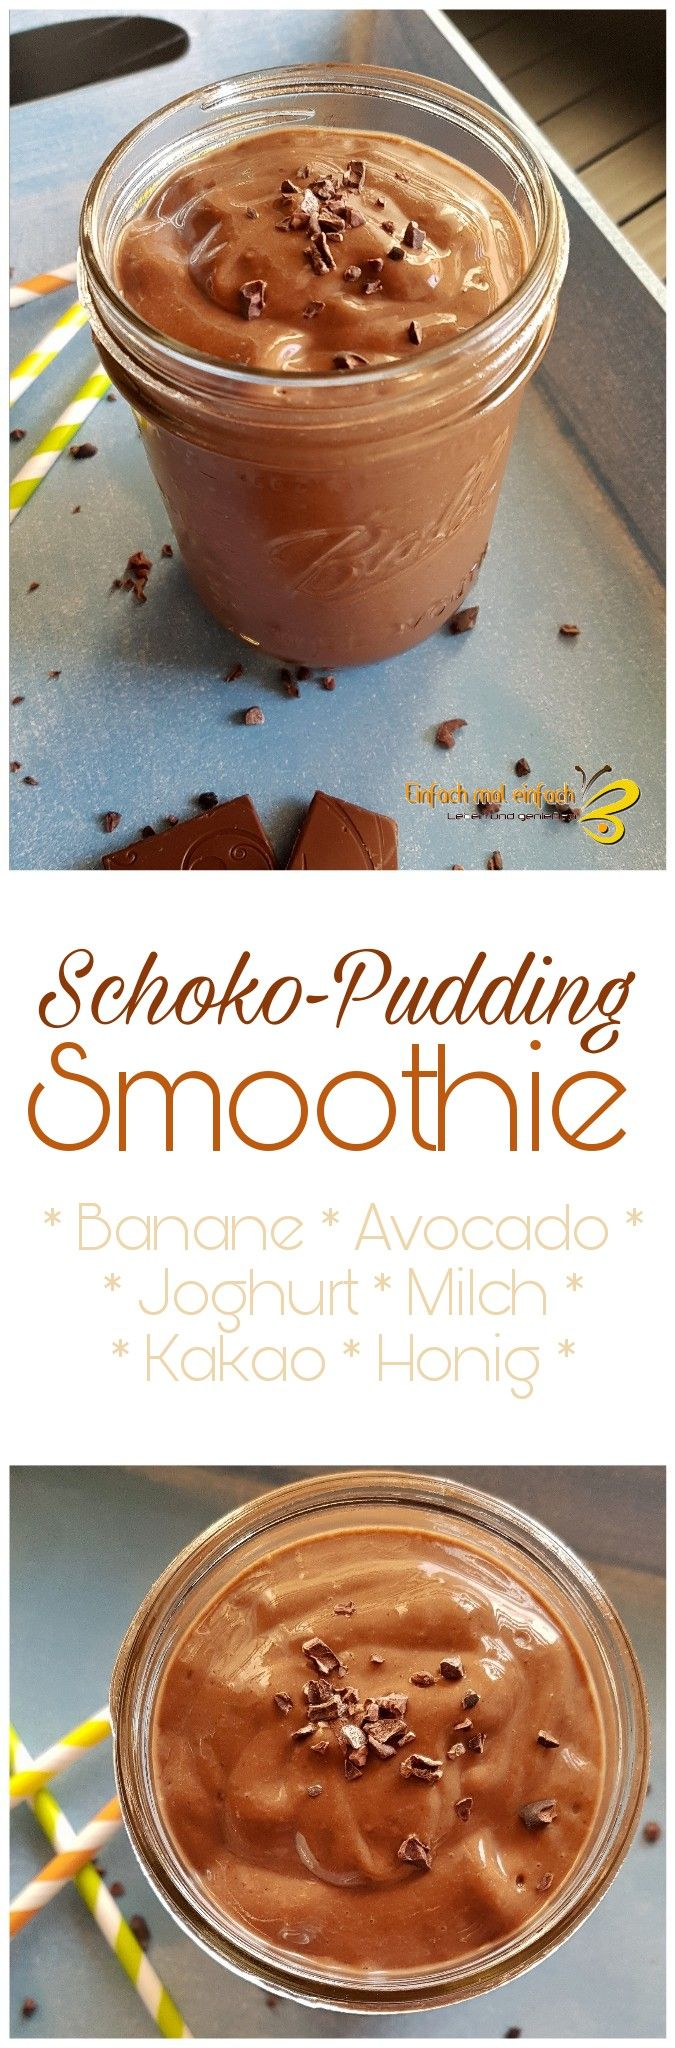 Schoko-Pudding Smoothie mit Banane und Avocado, super einfach und unglaublich lecker, voller Nährstoffe und so cremig!